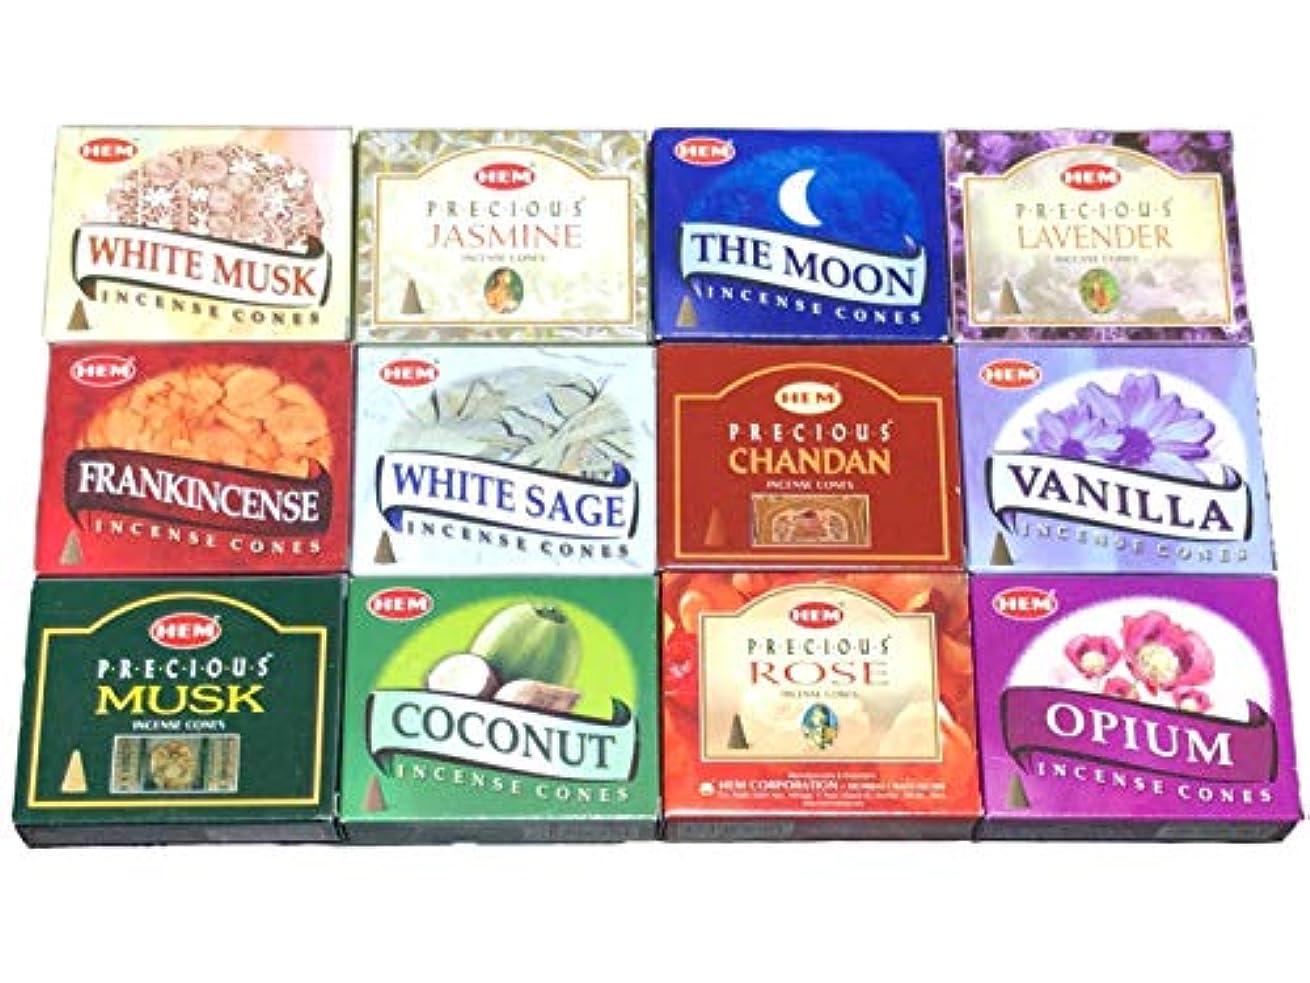 周囲より多いコントロールHEM コーン香 各種アソート混み 12種類1箱づつ。